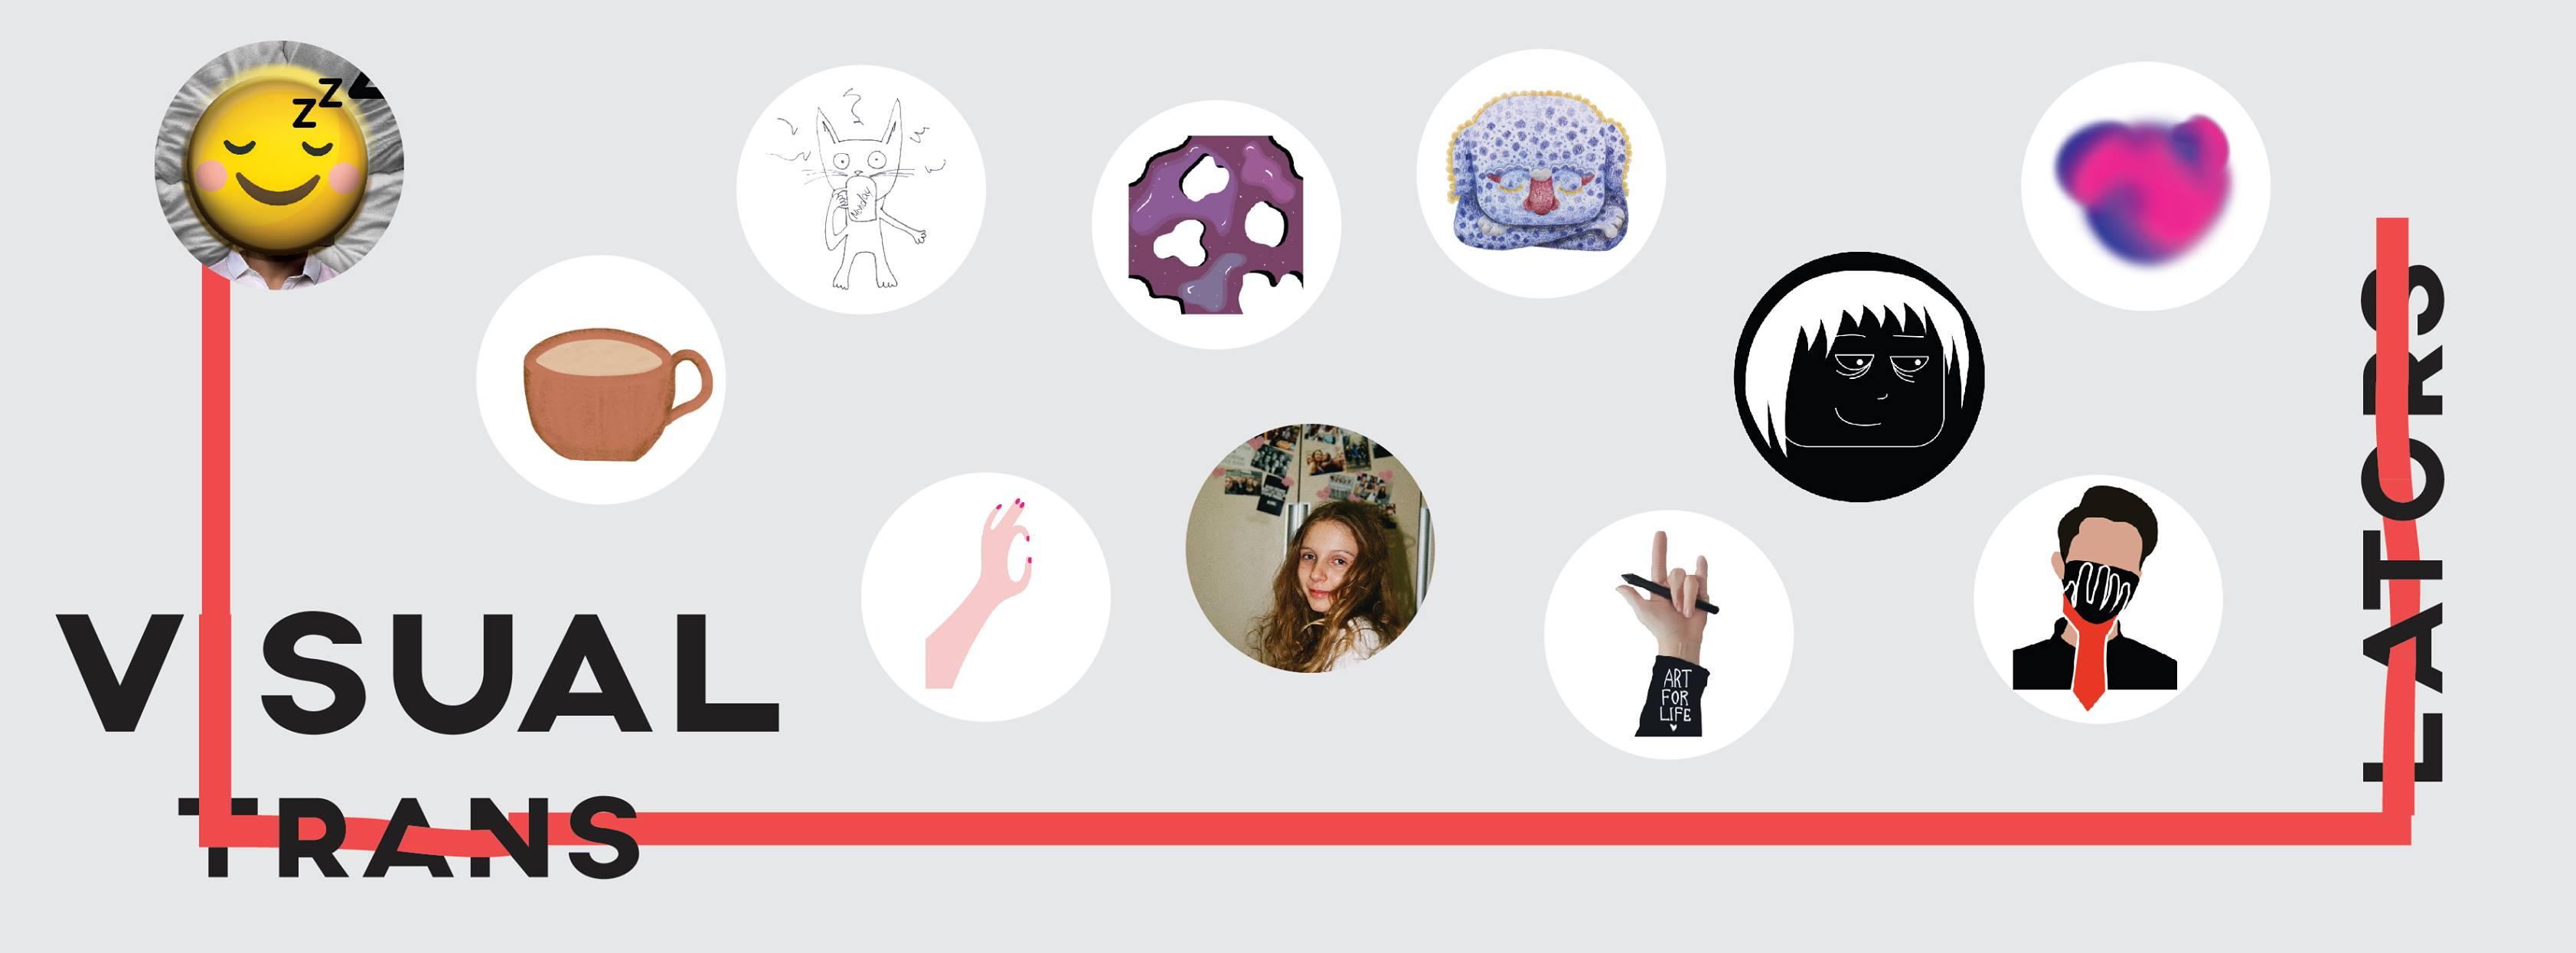 hnd graphic design exhibiton 2019